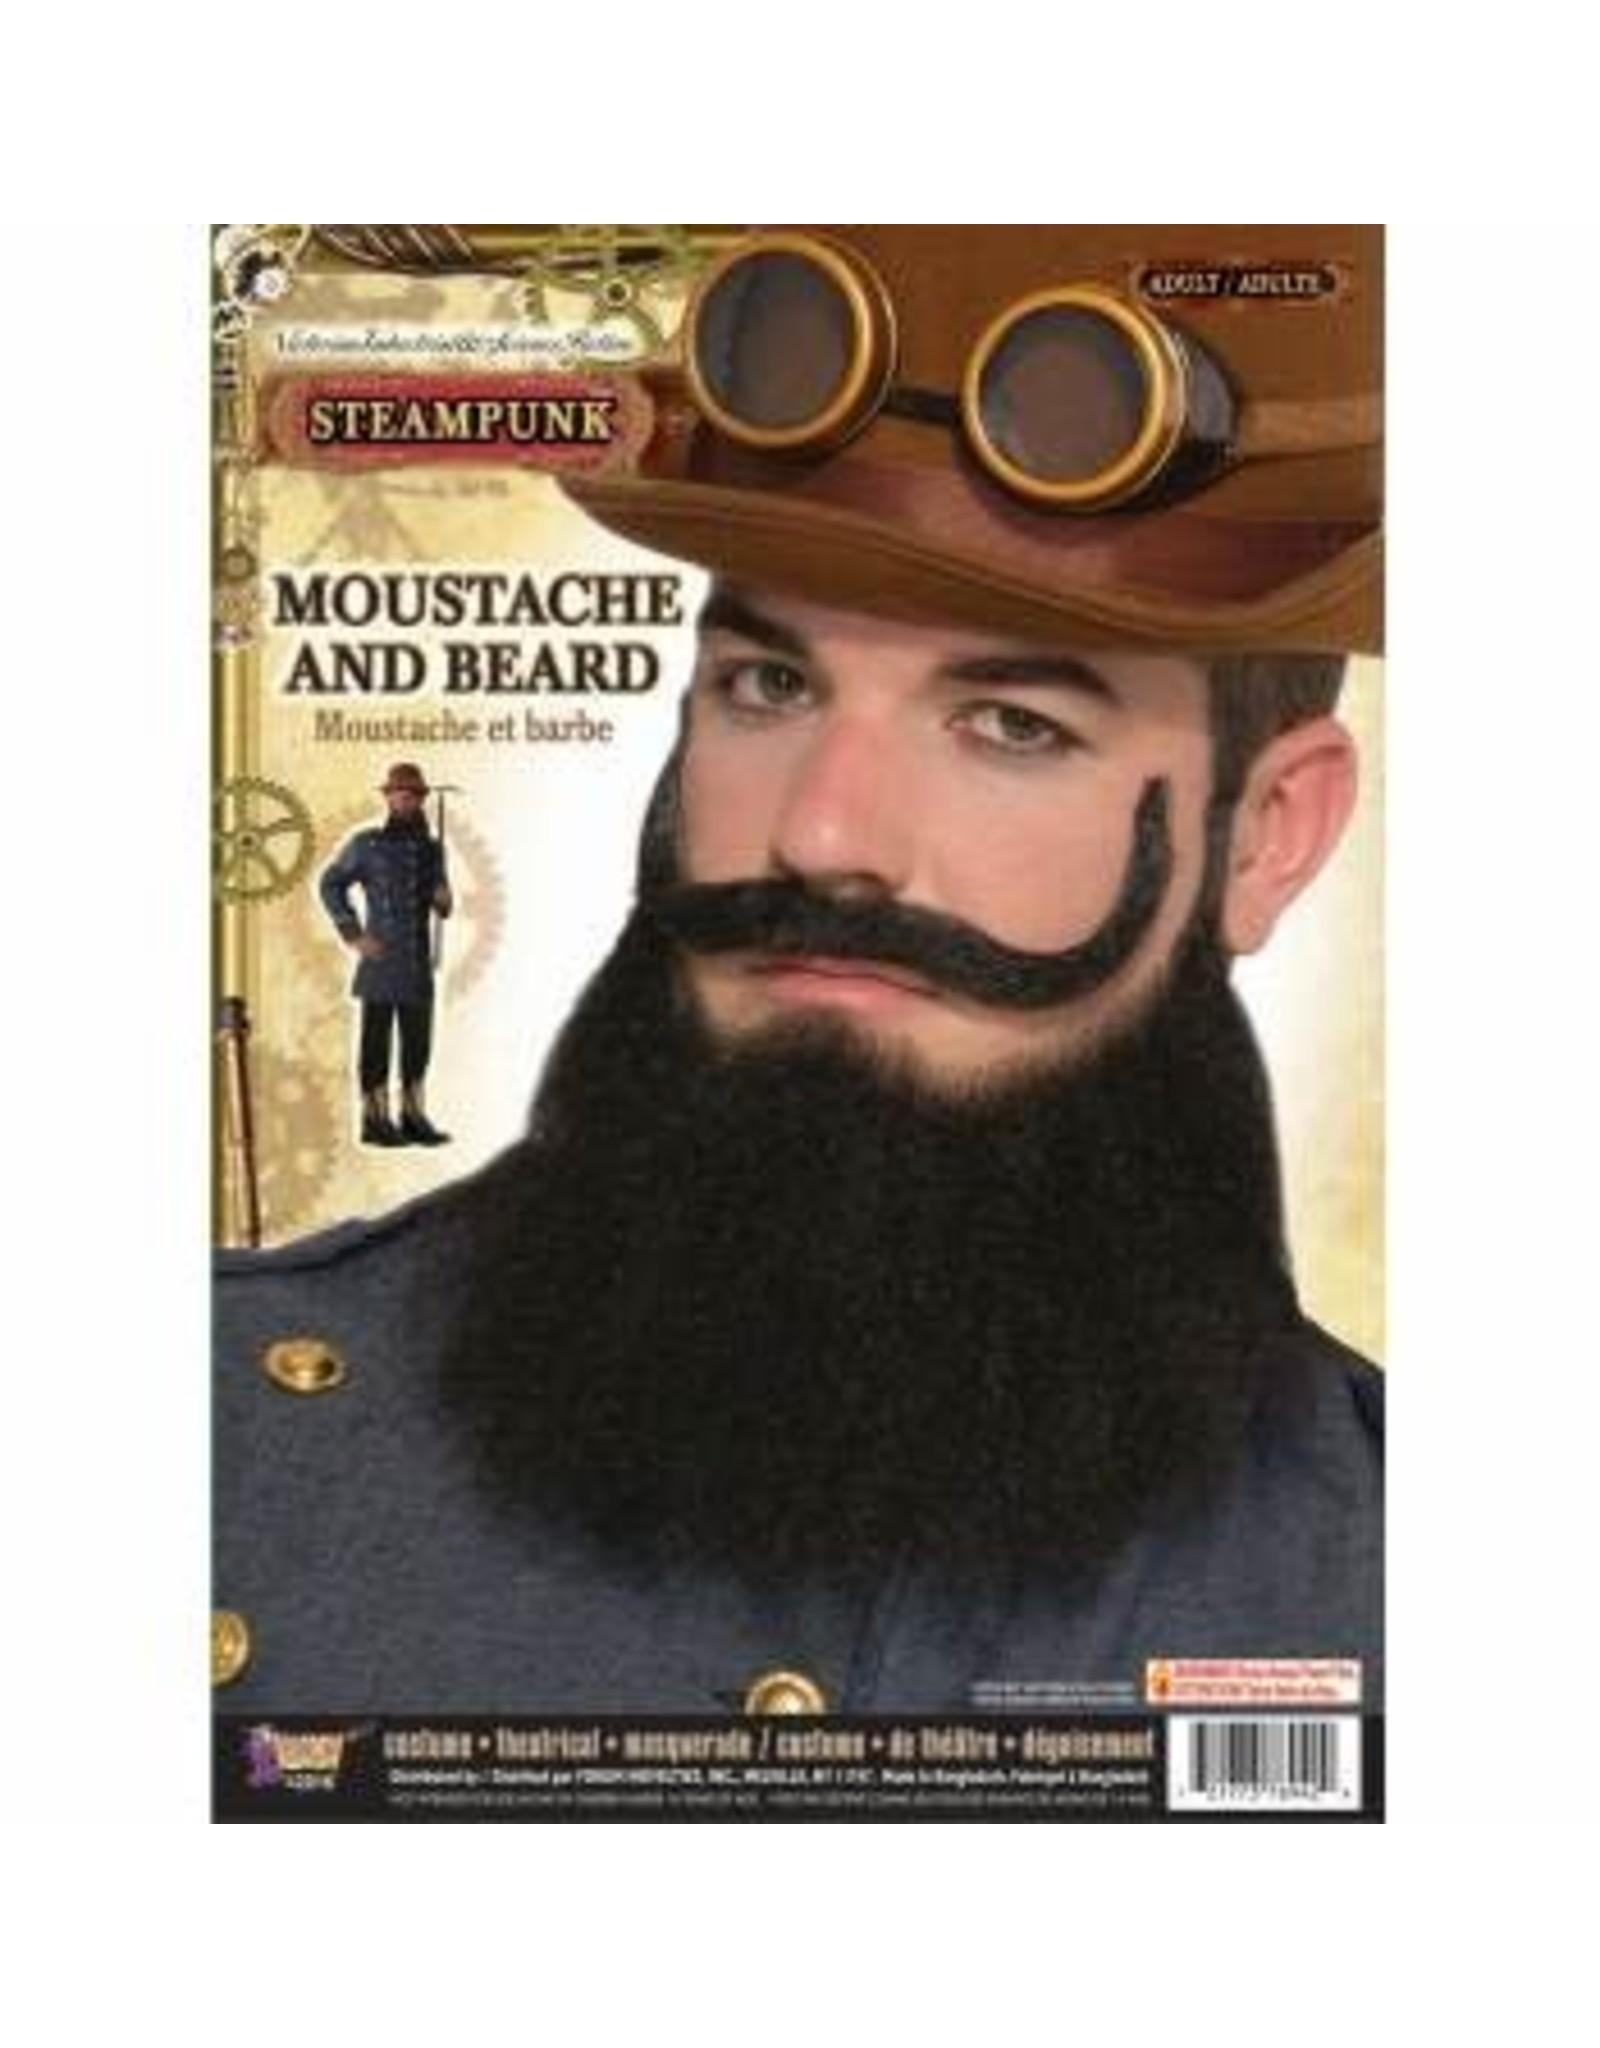 Forum Novelties Inc. Steampunk Moustache and Beard